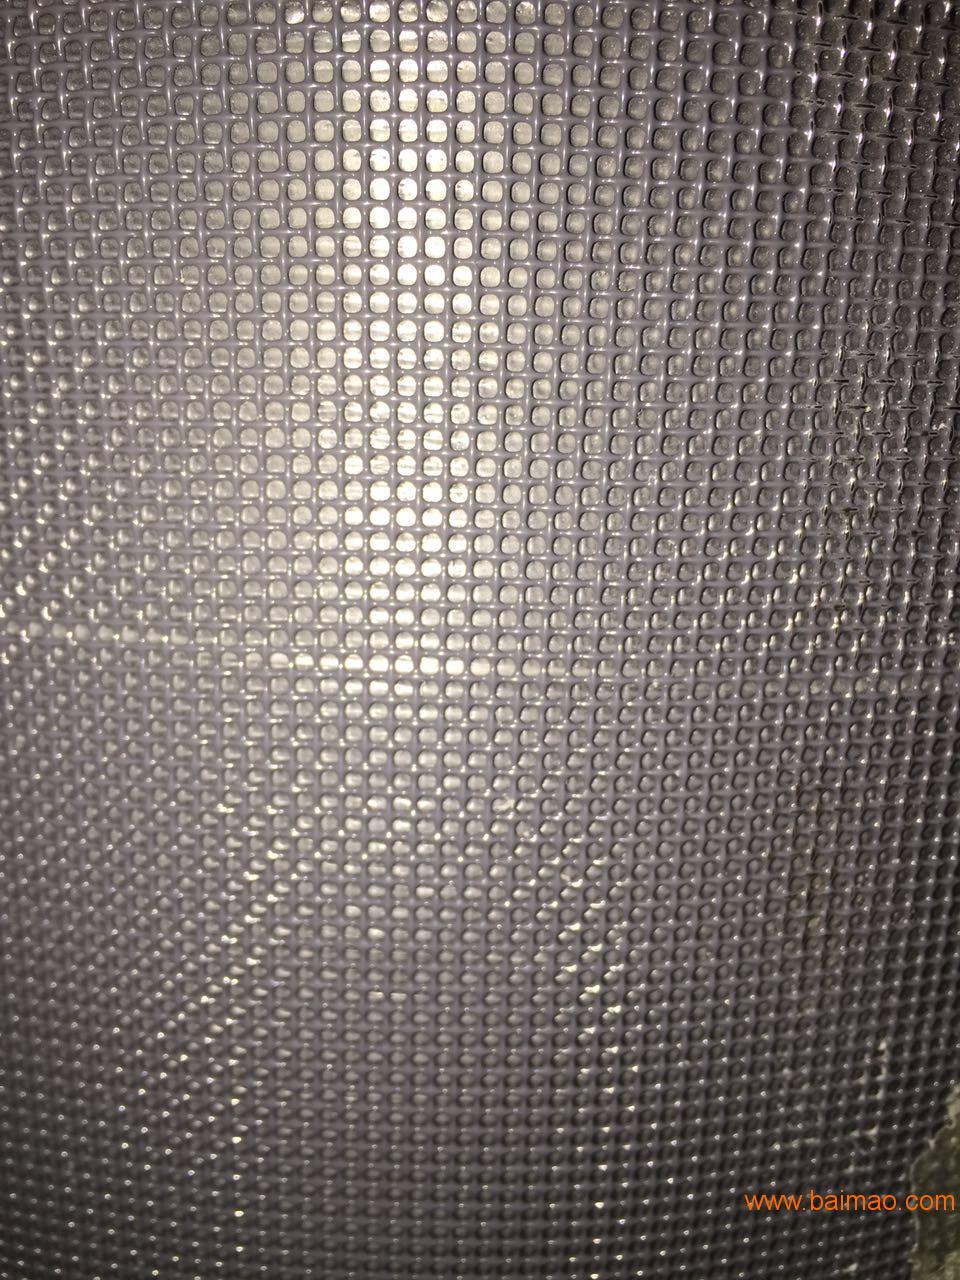 供应耀佳外贸电焊网 出口电焊网 正孔1/2 铁丝网 改拔... -慧聪网